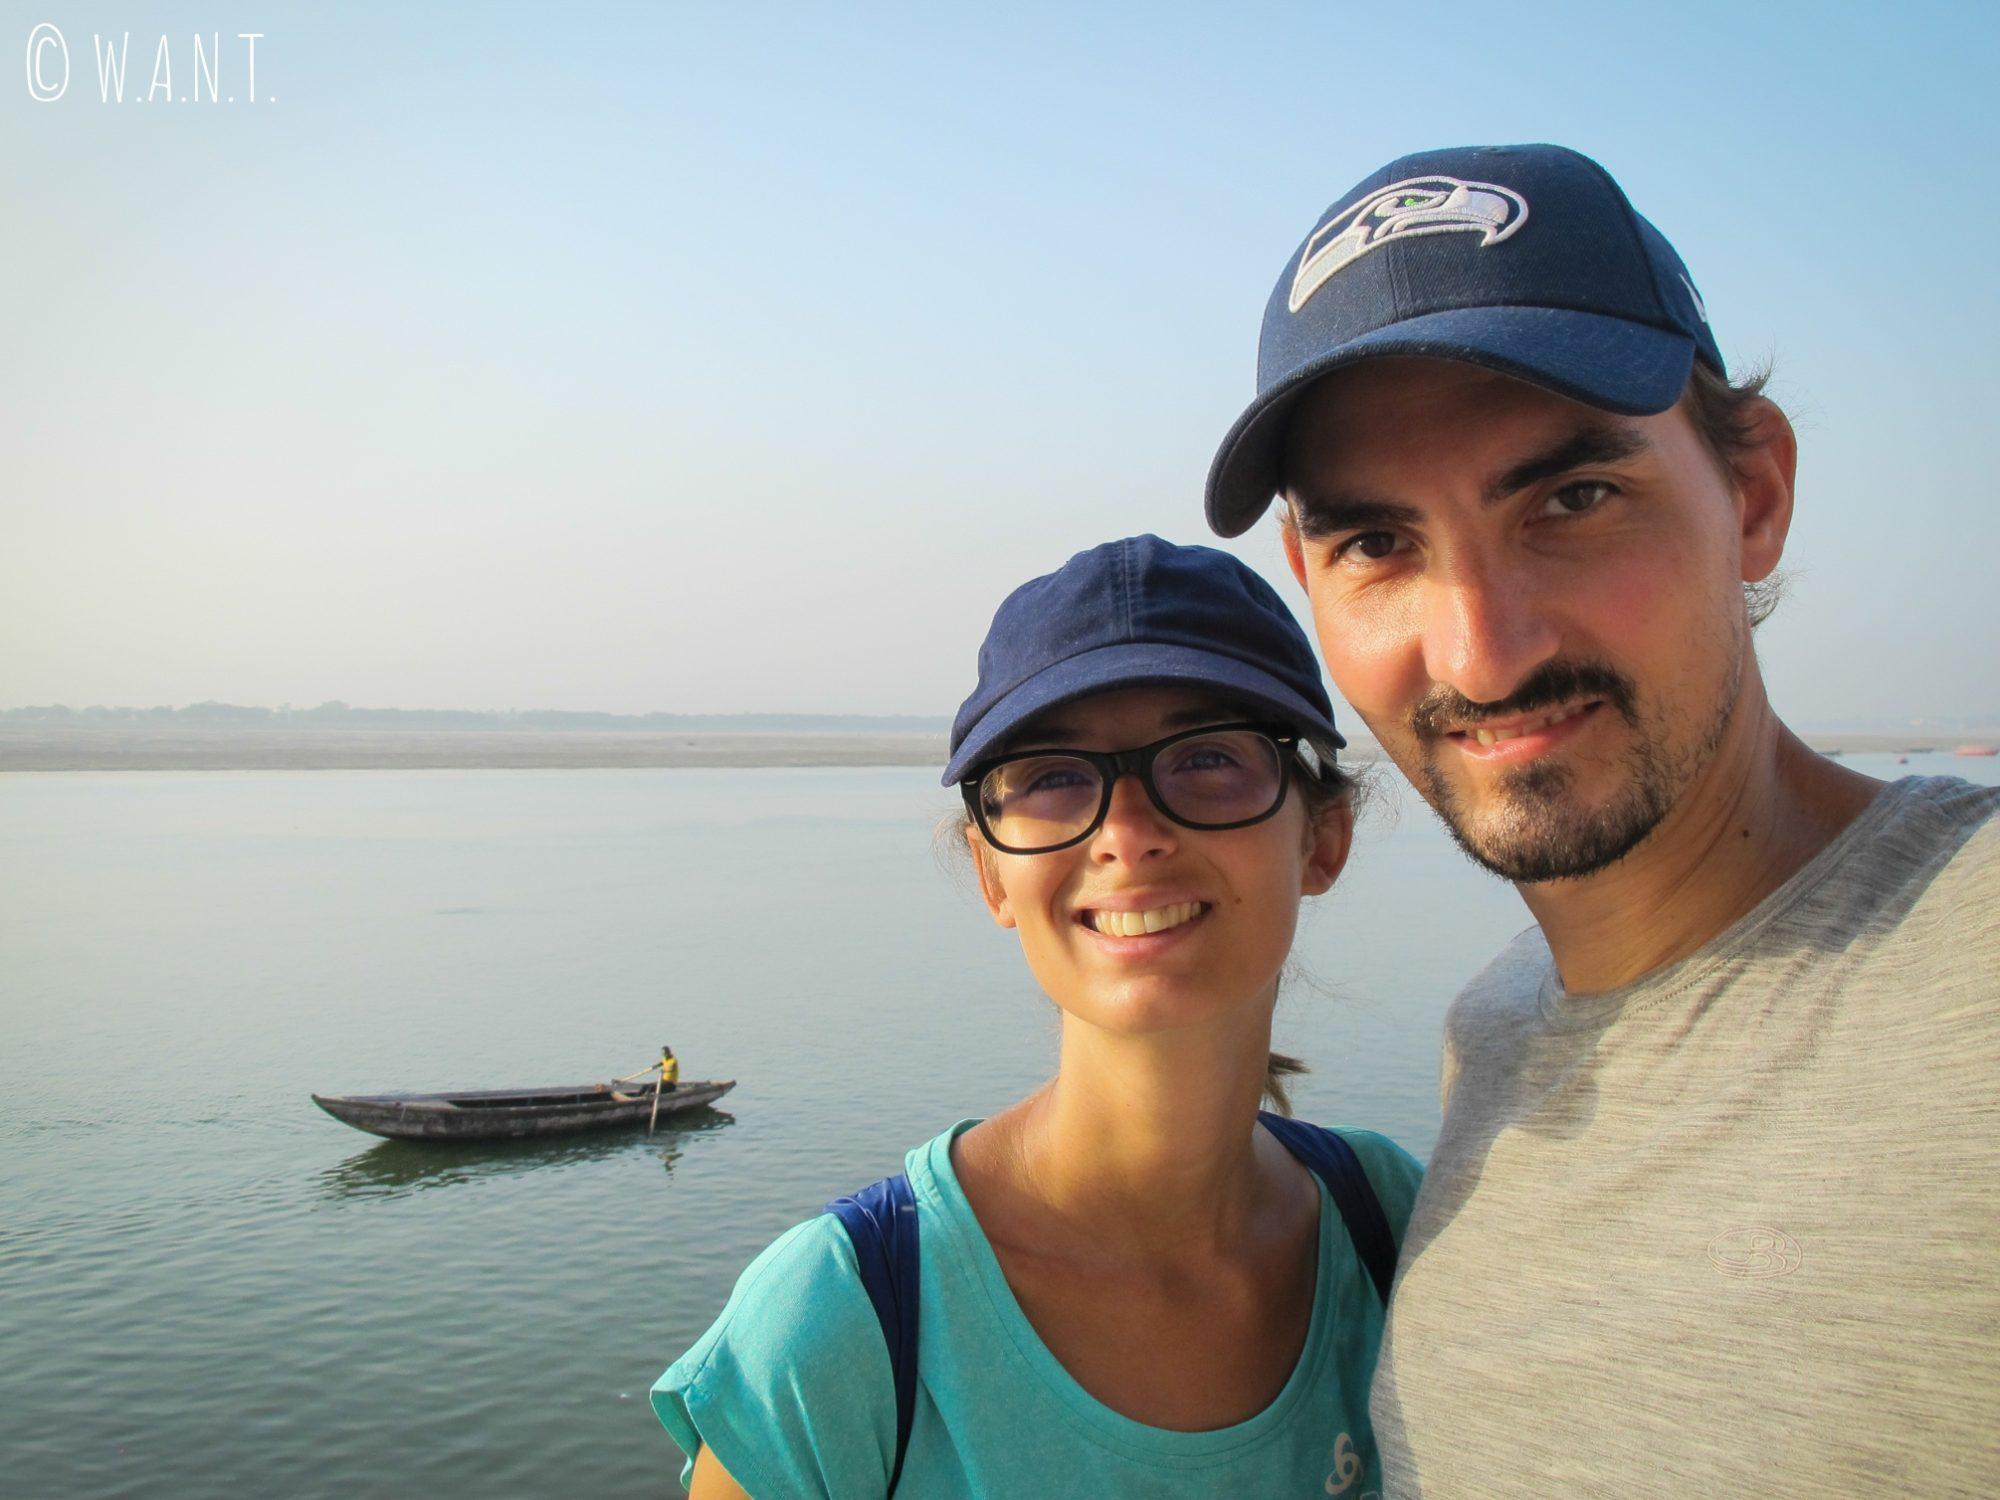 Selfie devant le Gange et une barque de pêcheur